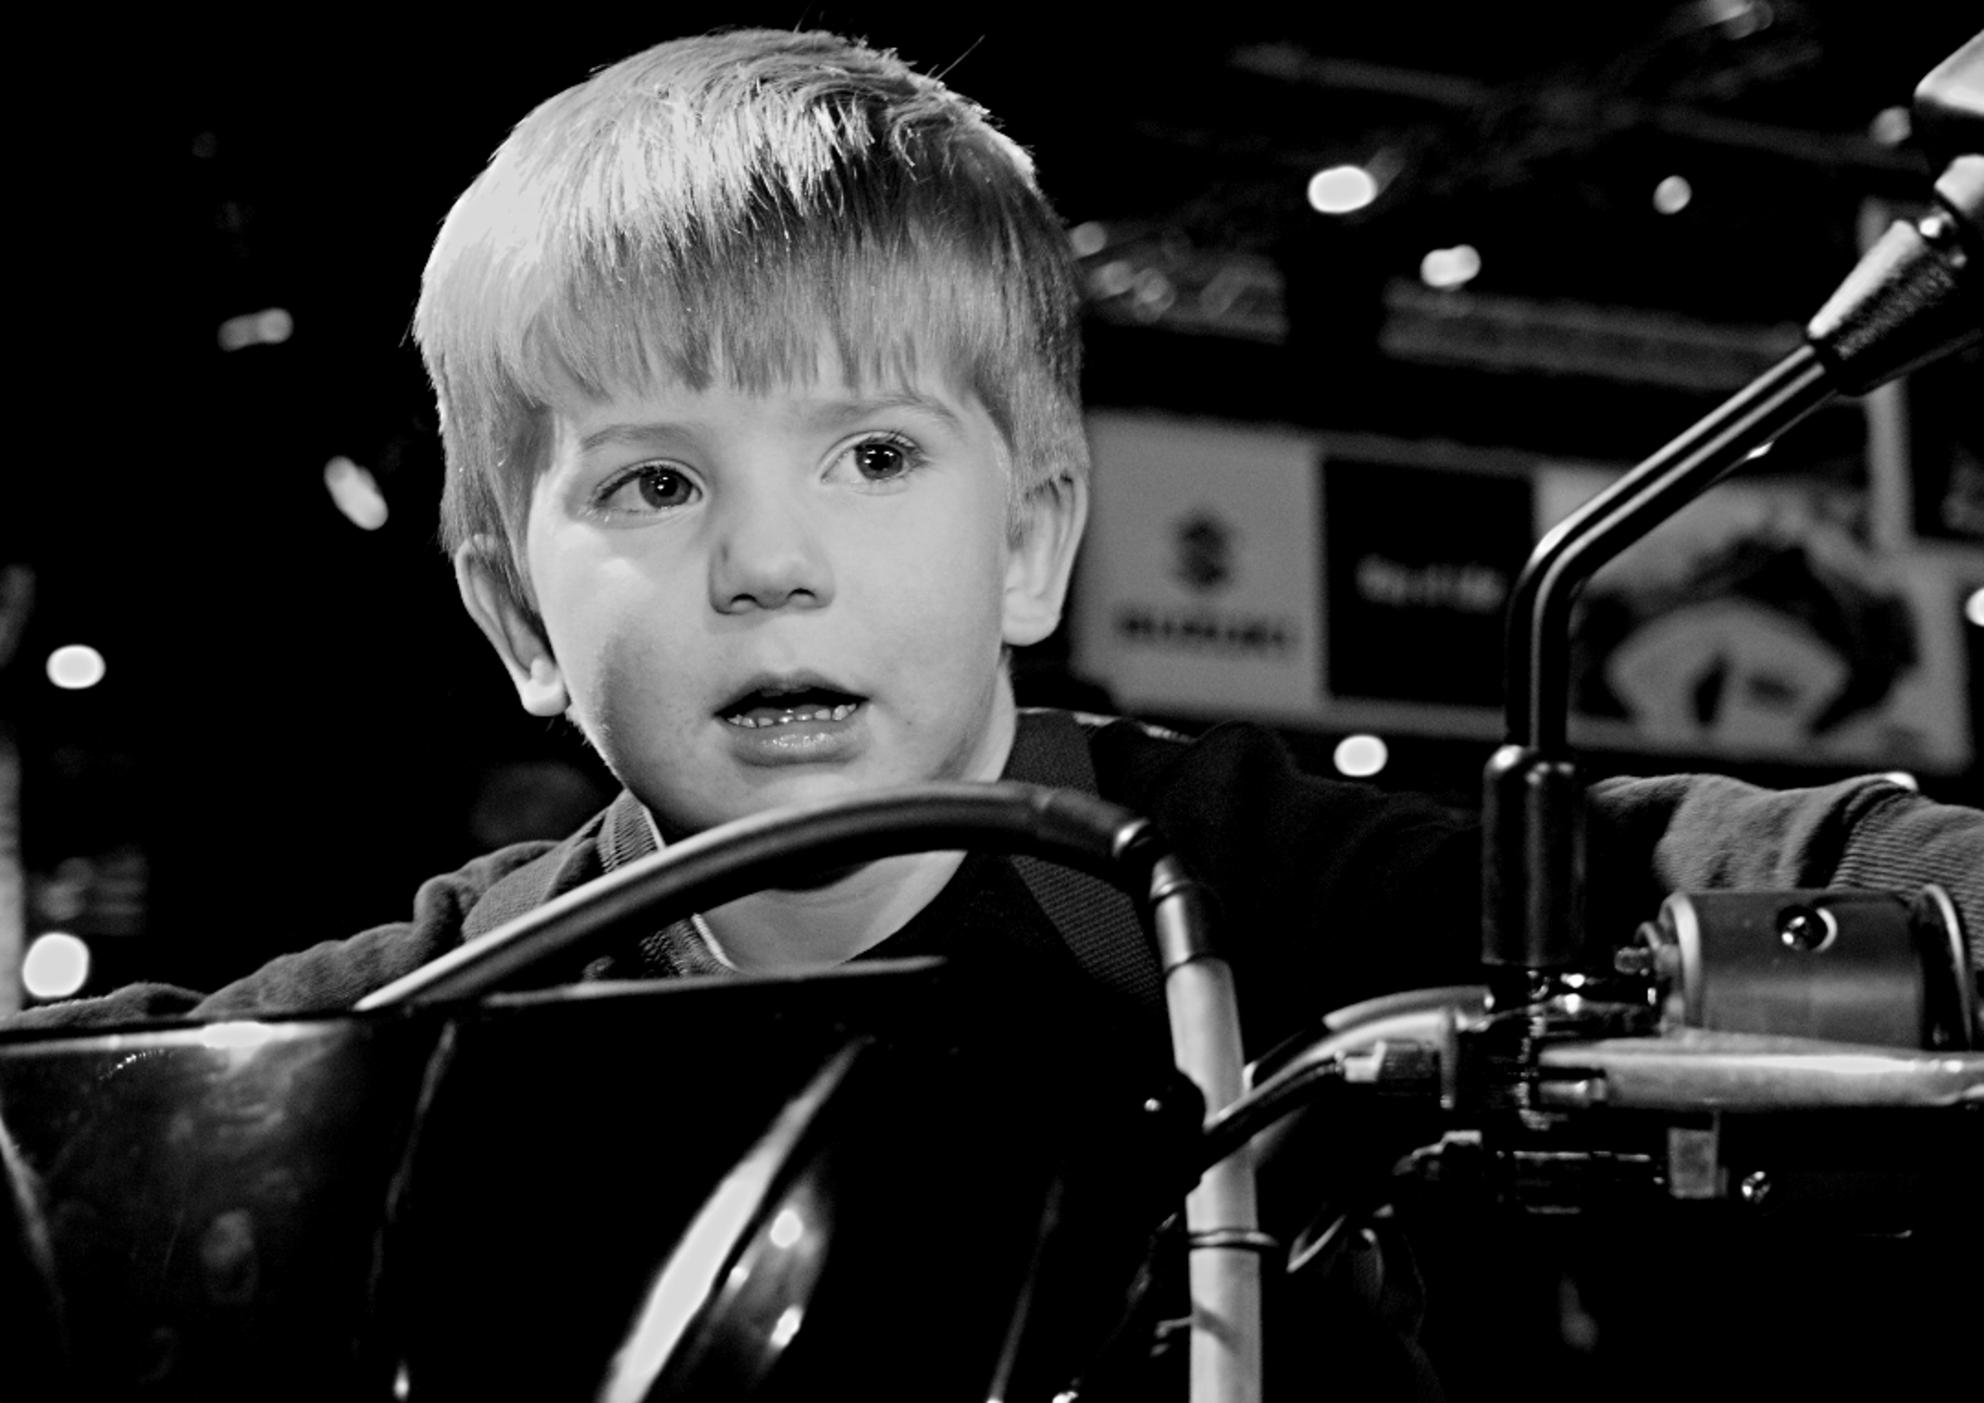 Winnaar Dutch TT 2027 - Dit portret heb ik gemaakt tijdens de motorbeurs in utrecht. Het is de zoon van een vriend van mij. - foto door Mr_mephisto op 21-03-2010 - deze foto bevat: motorbeurs, motormuisje